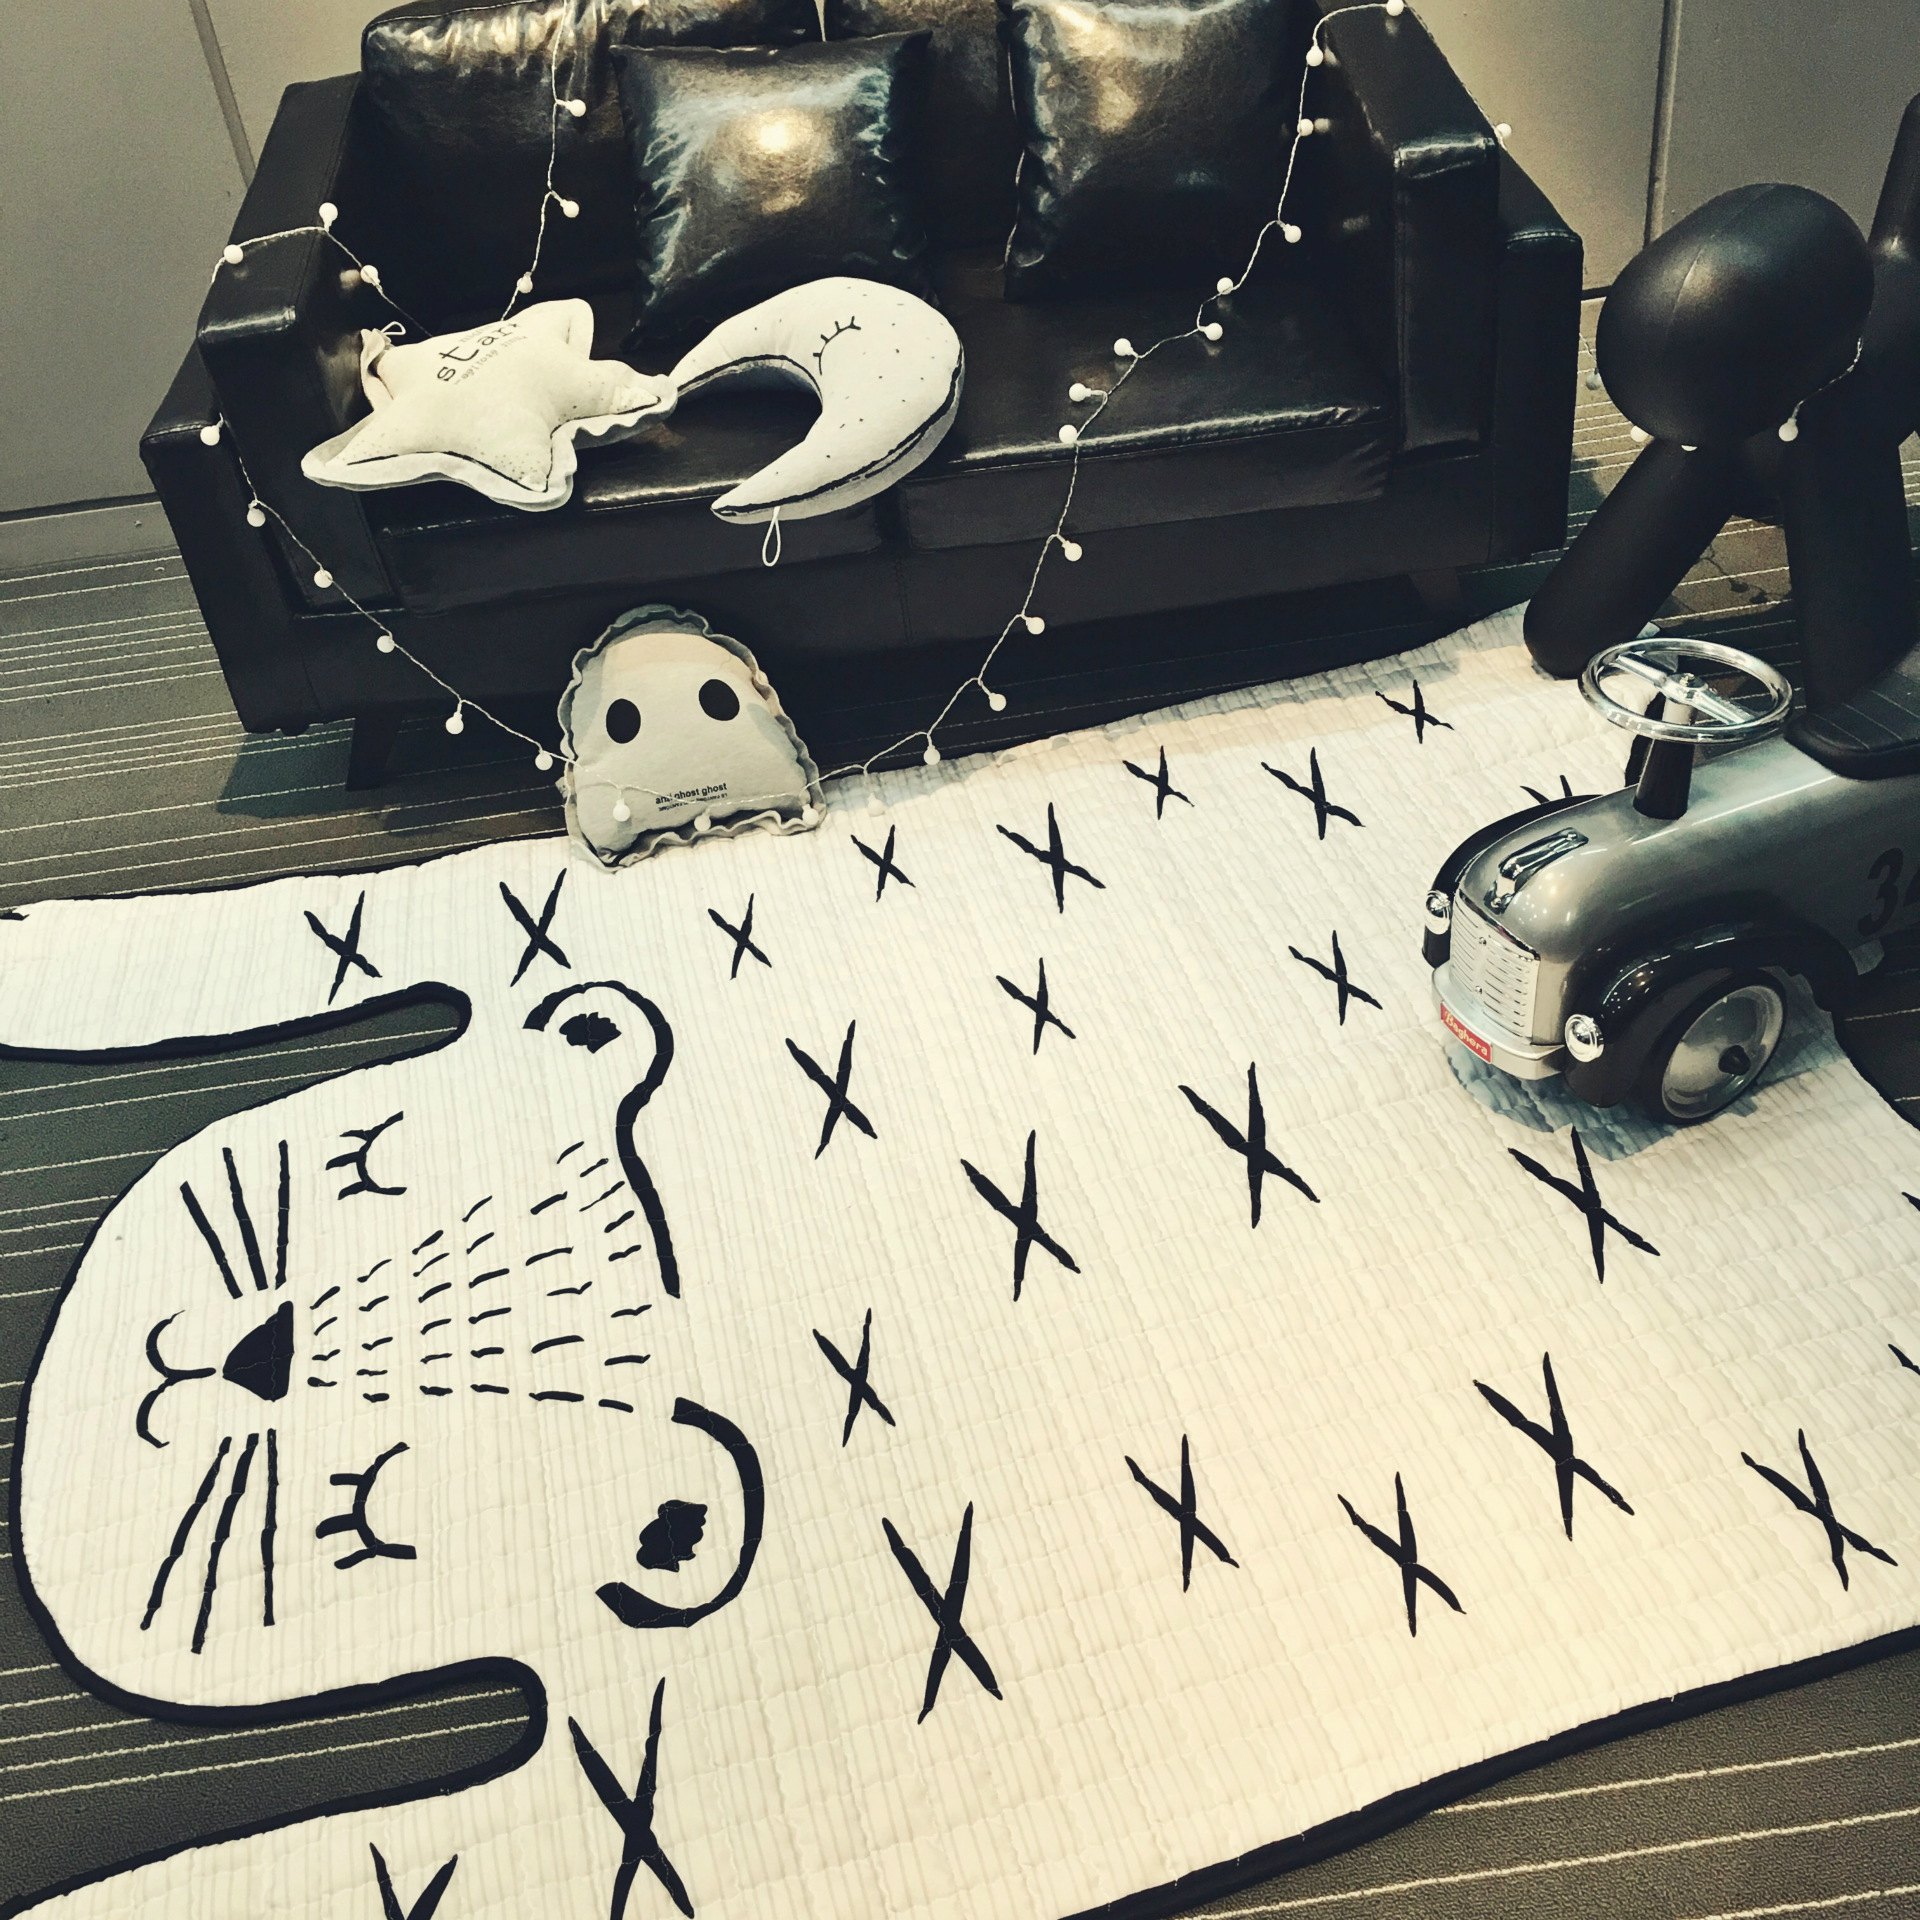 130x185 cm tapis de sol blanc tigre modélisation tapis tapis bande dessinée enfants chambre tapis de sol enfants tapis